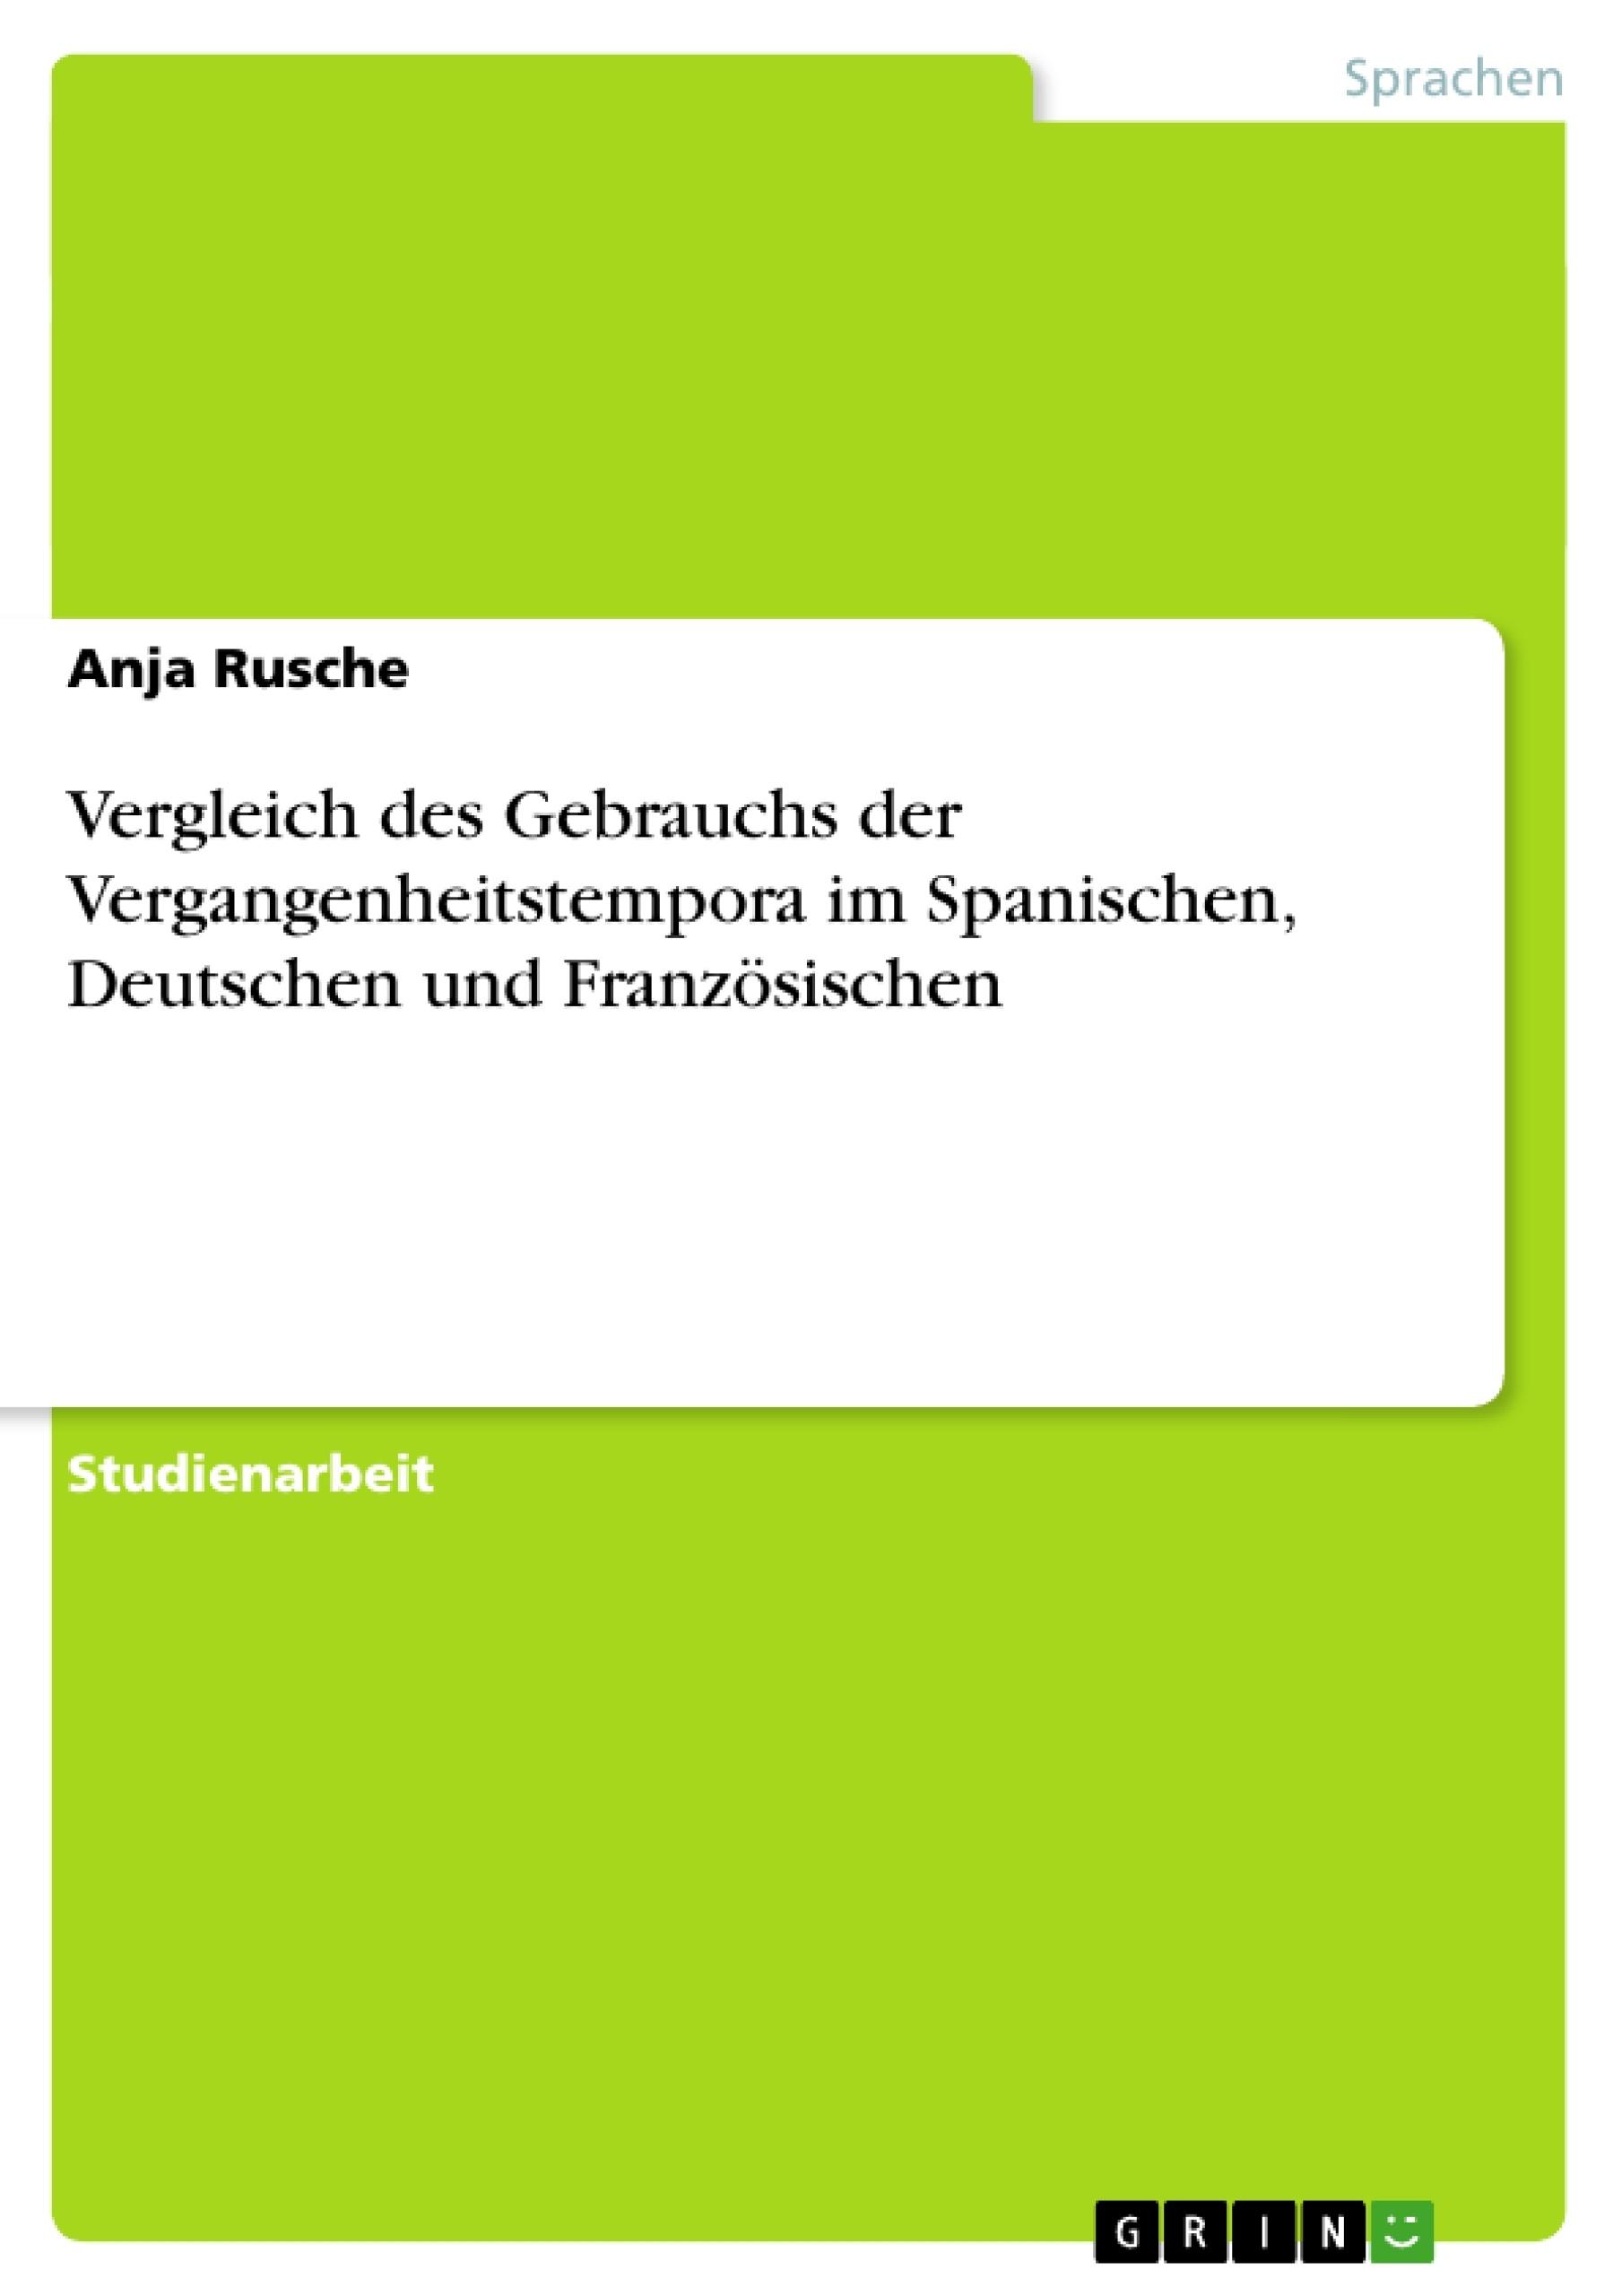 Titel: Vergleich des Gebrauchs der Vergangenheitstempora im Spanischen, Deutschen und Französischen